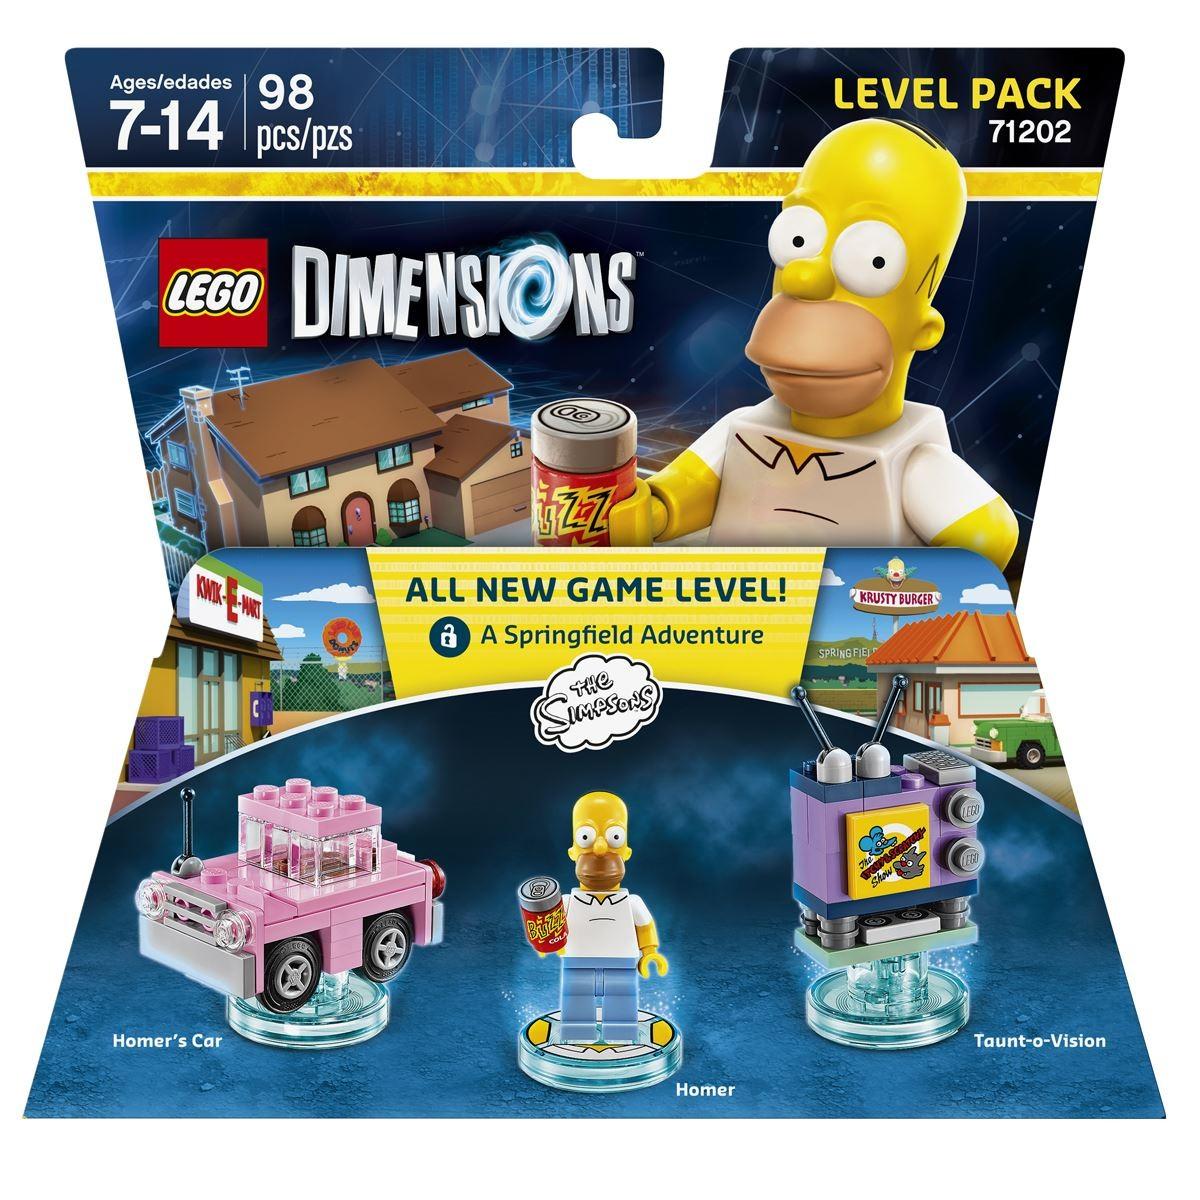 Best Buy en Línea: Lego Dimensions Level Pack Simpsons de $599 a solo $10